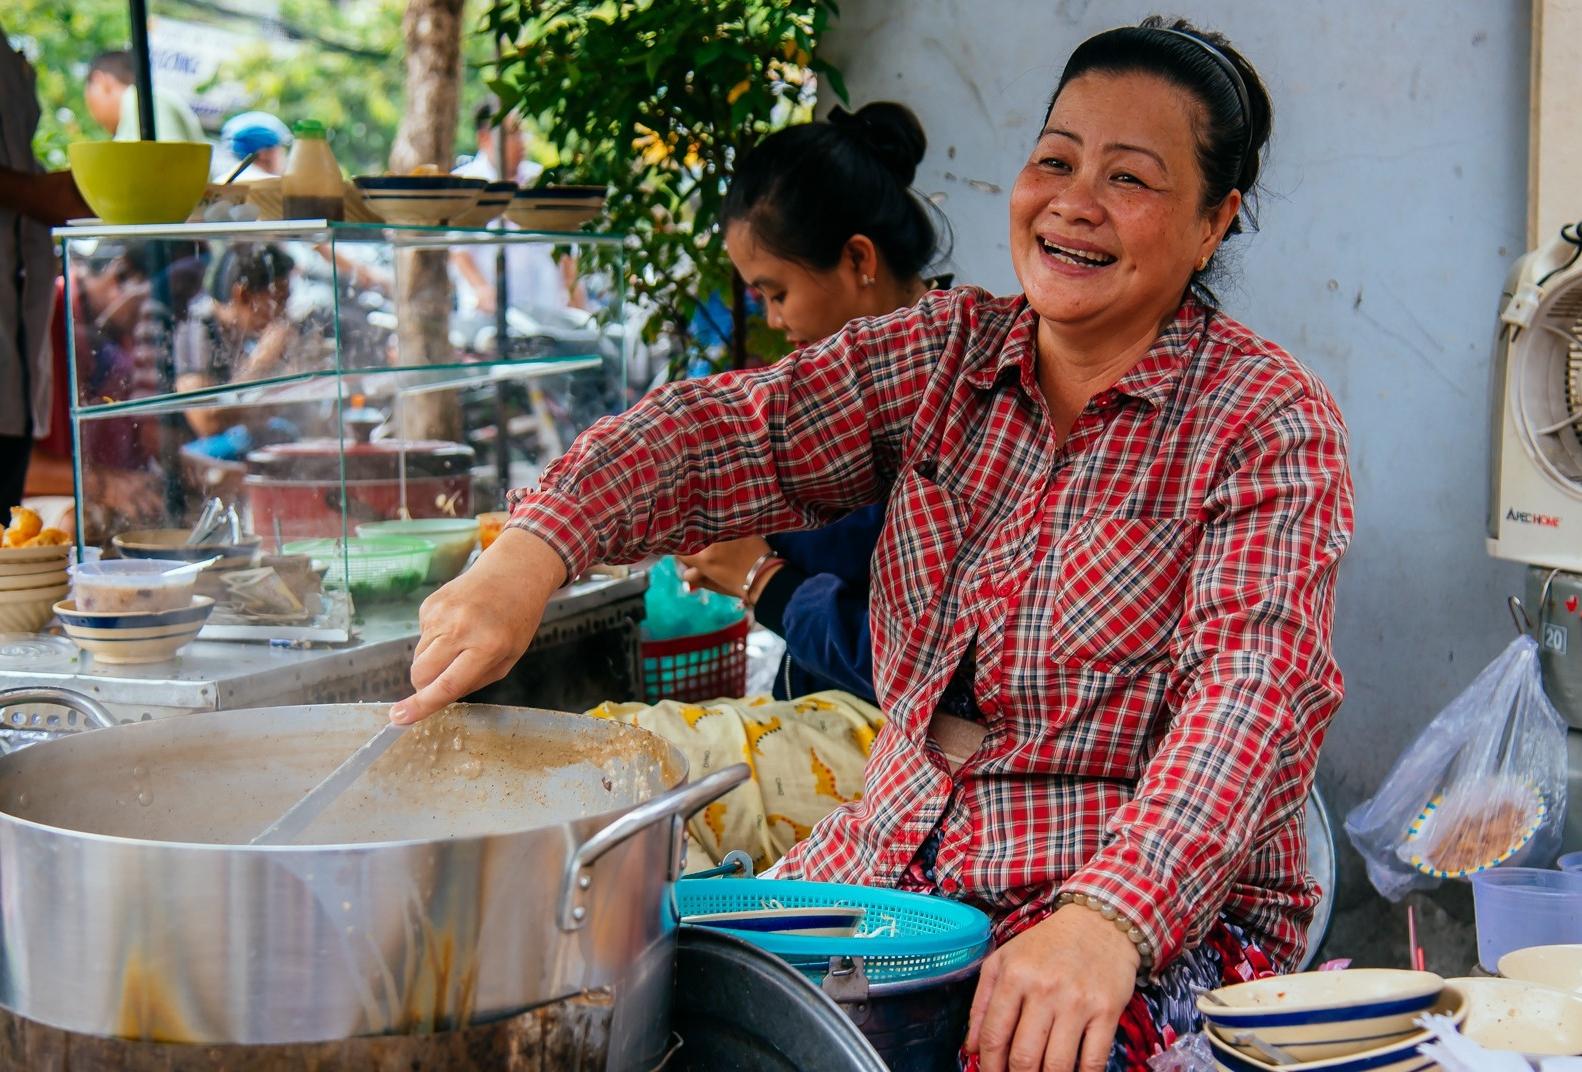 Quán cháo 'hào sảng' giá 5.000 đồng/ tô của cô Tư Sài Gòn: Nhà Tư không nợ nần gì, bán vầy là sống thoải mái rồi! 10